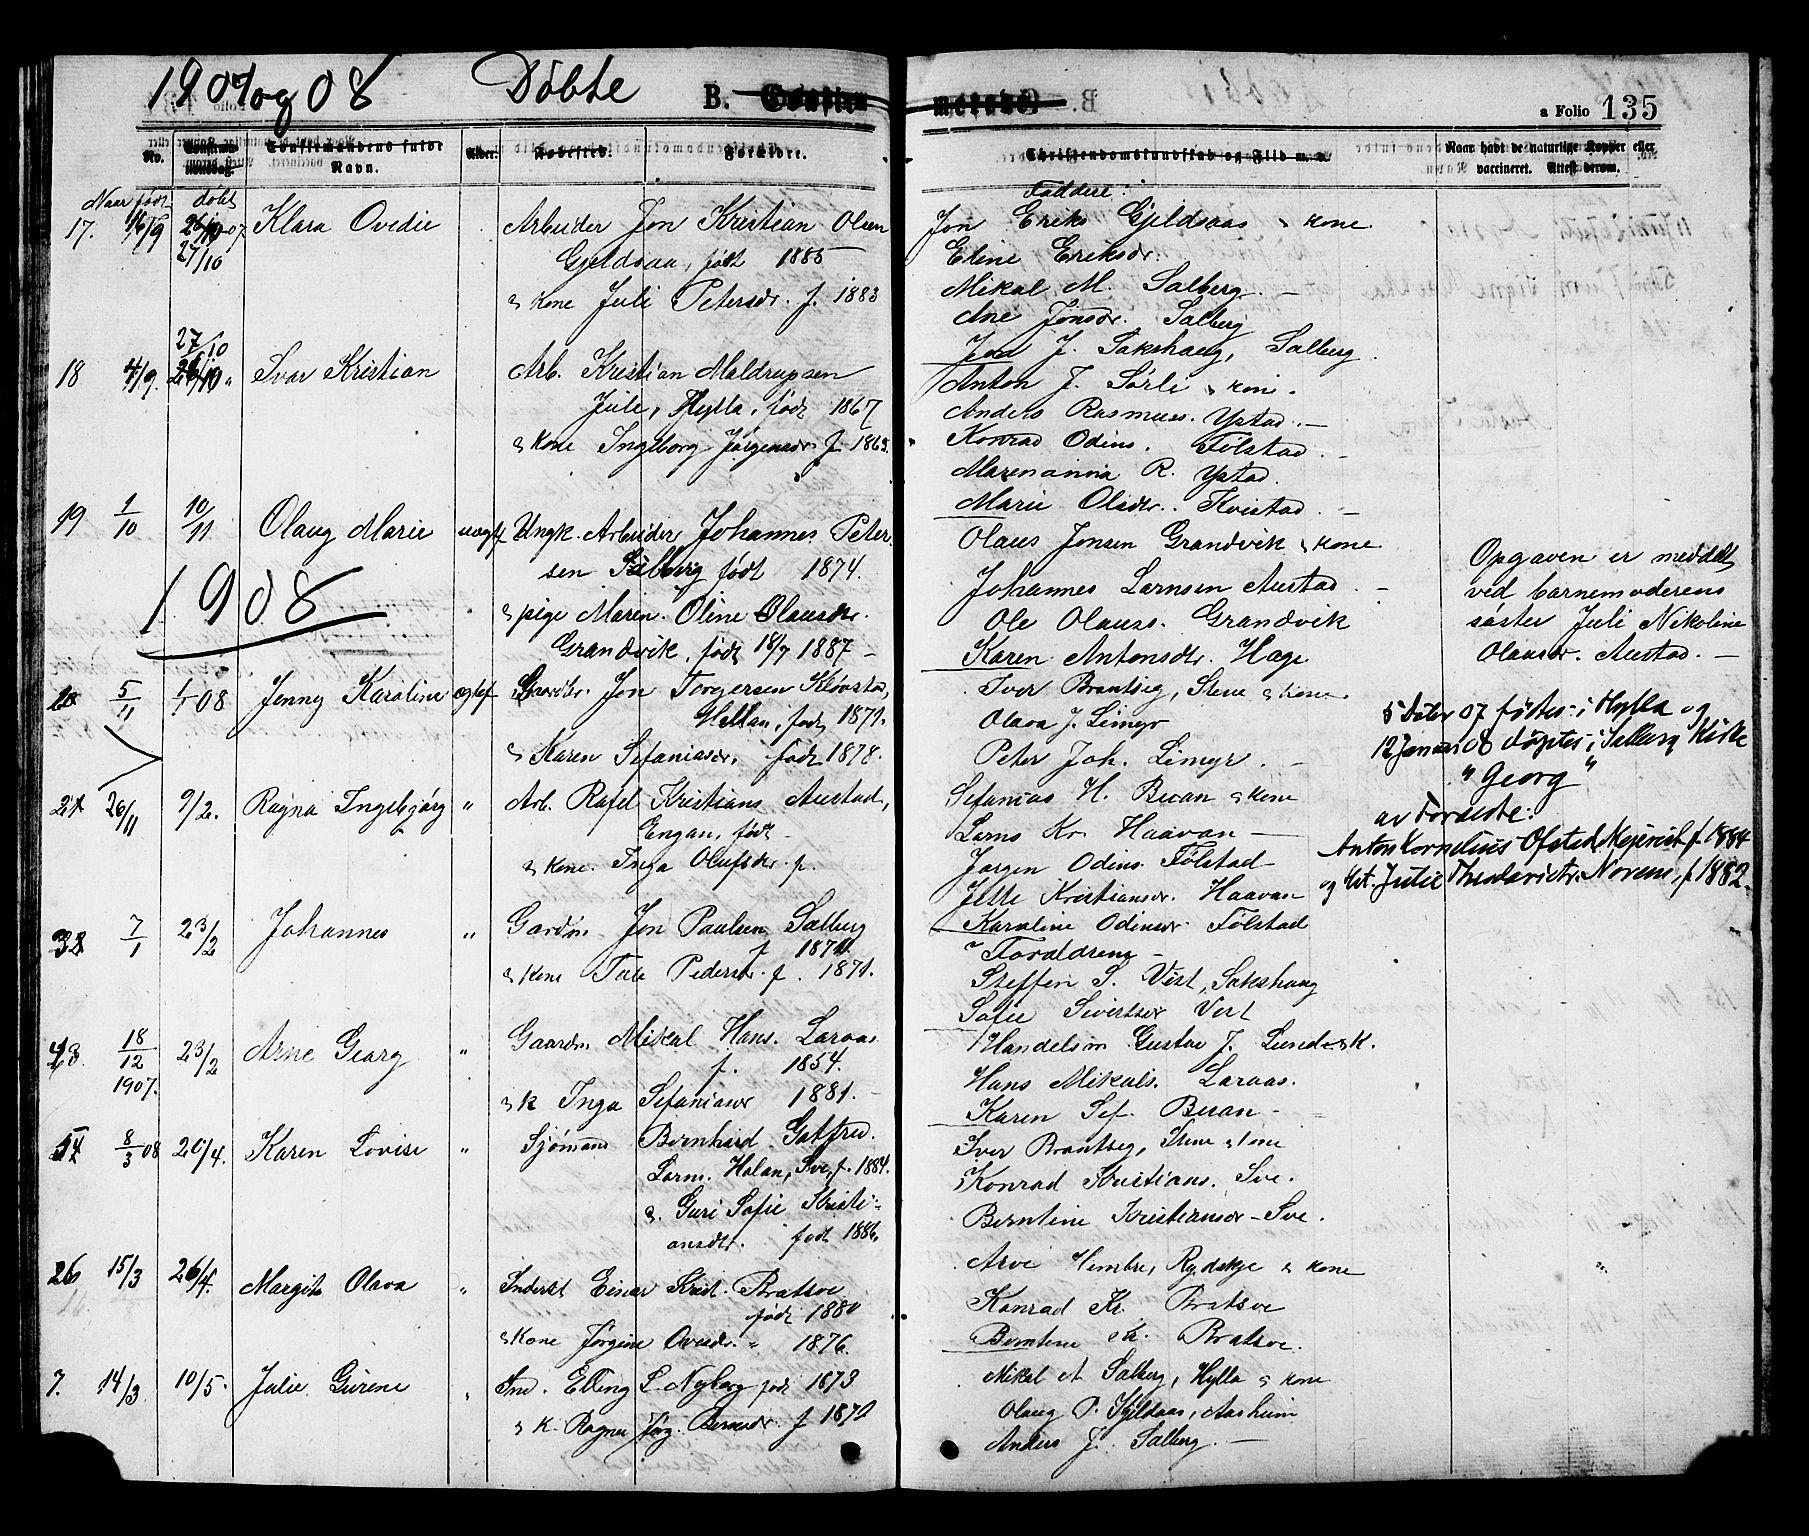 SAT, Ministerialprotokoller, klokkerbøker og fødselsregistre - Nord-Trøndelag, 731/L0311: Klokkerbok nr. 731C02, 1875-1911, s. 135